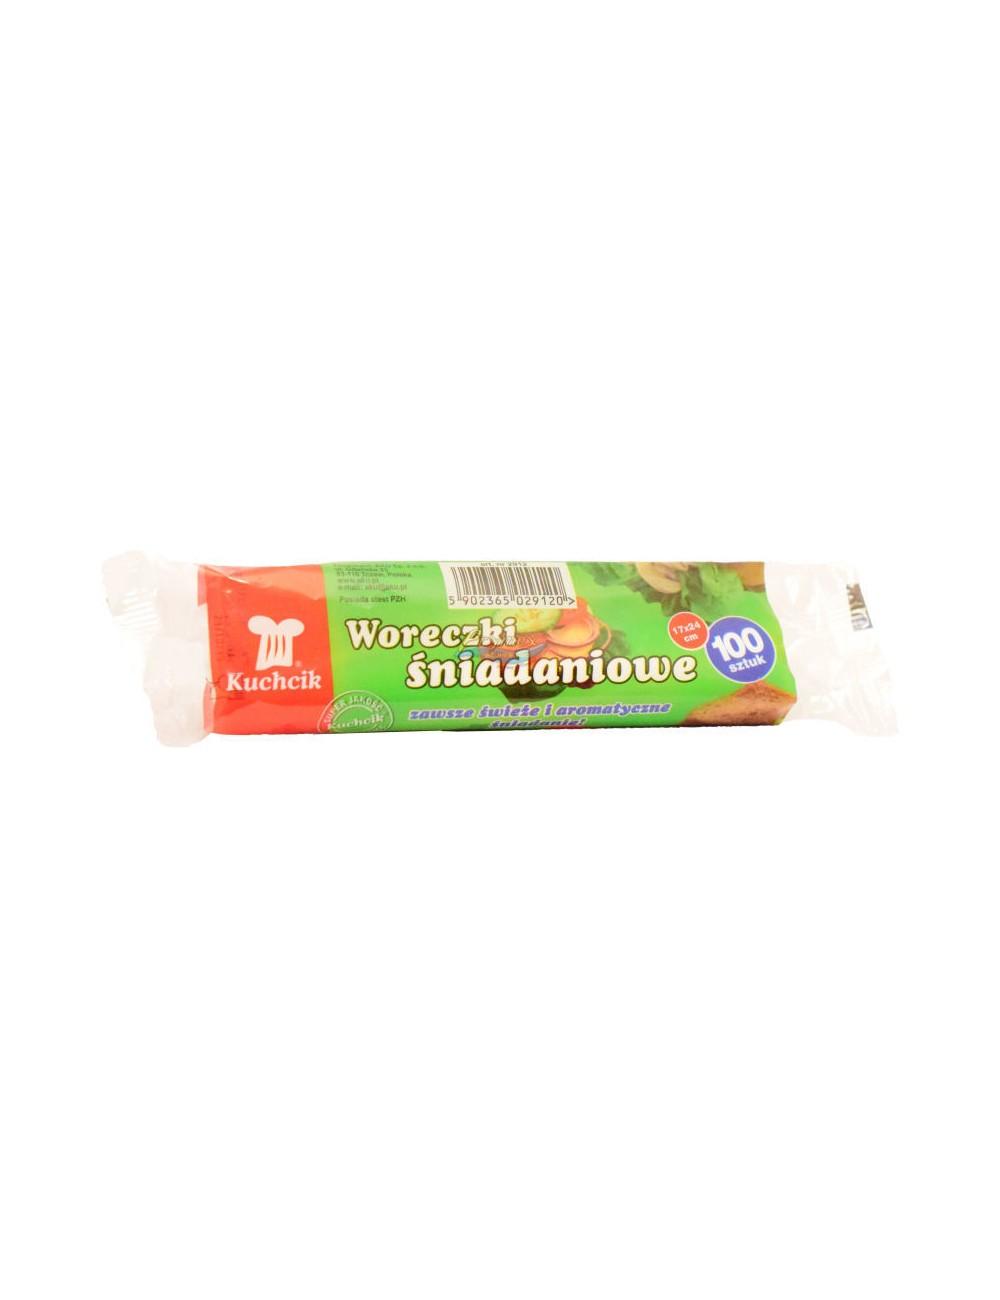 Kuchcik Woreczki Śniadaniowe 17x24cm 100 szt – do pakowania kanapek